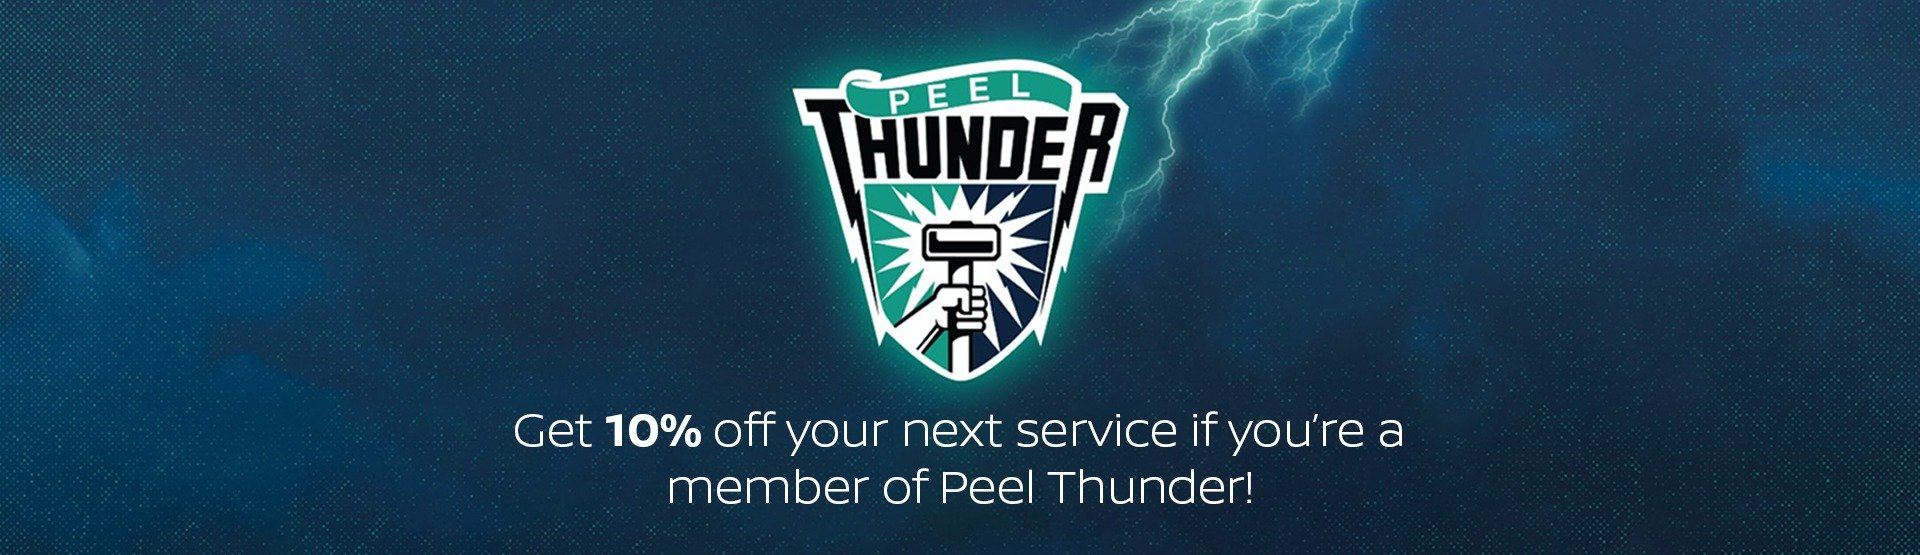 nissan-peel-thunder-service-offer